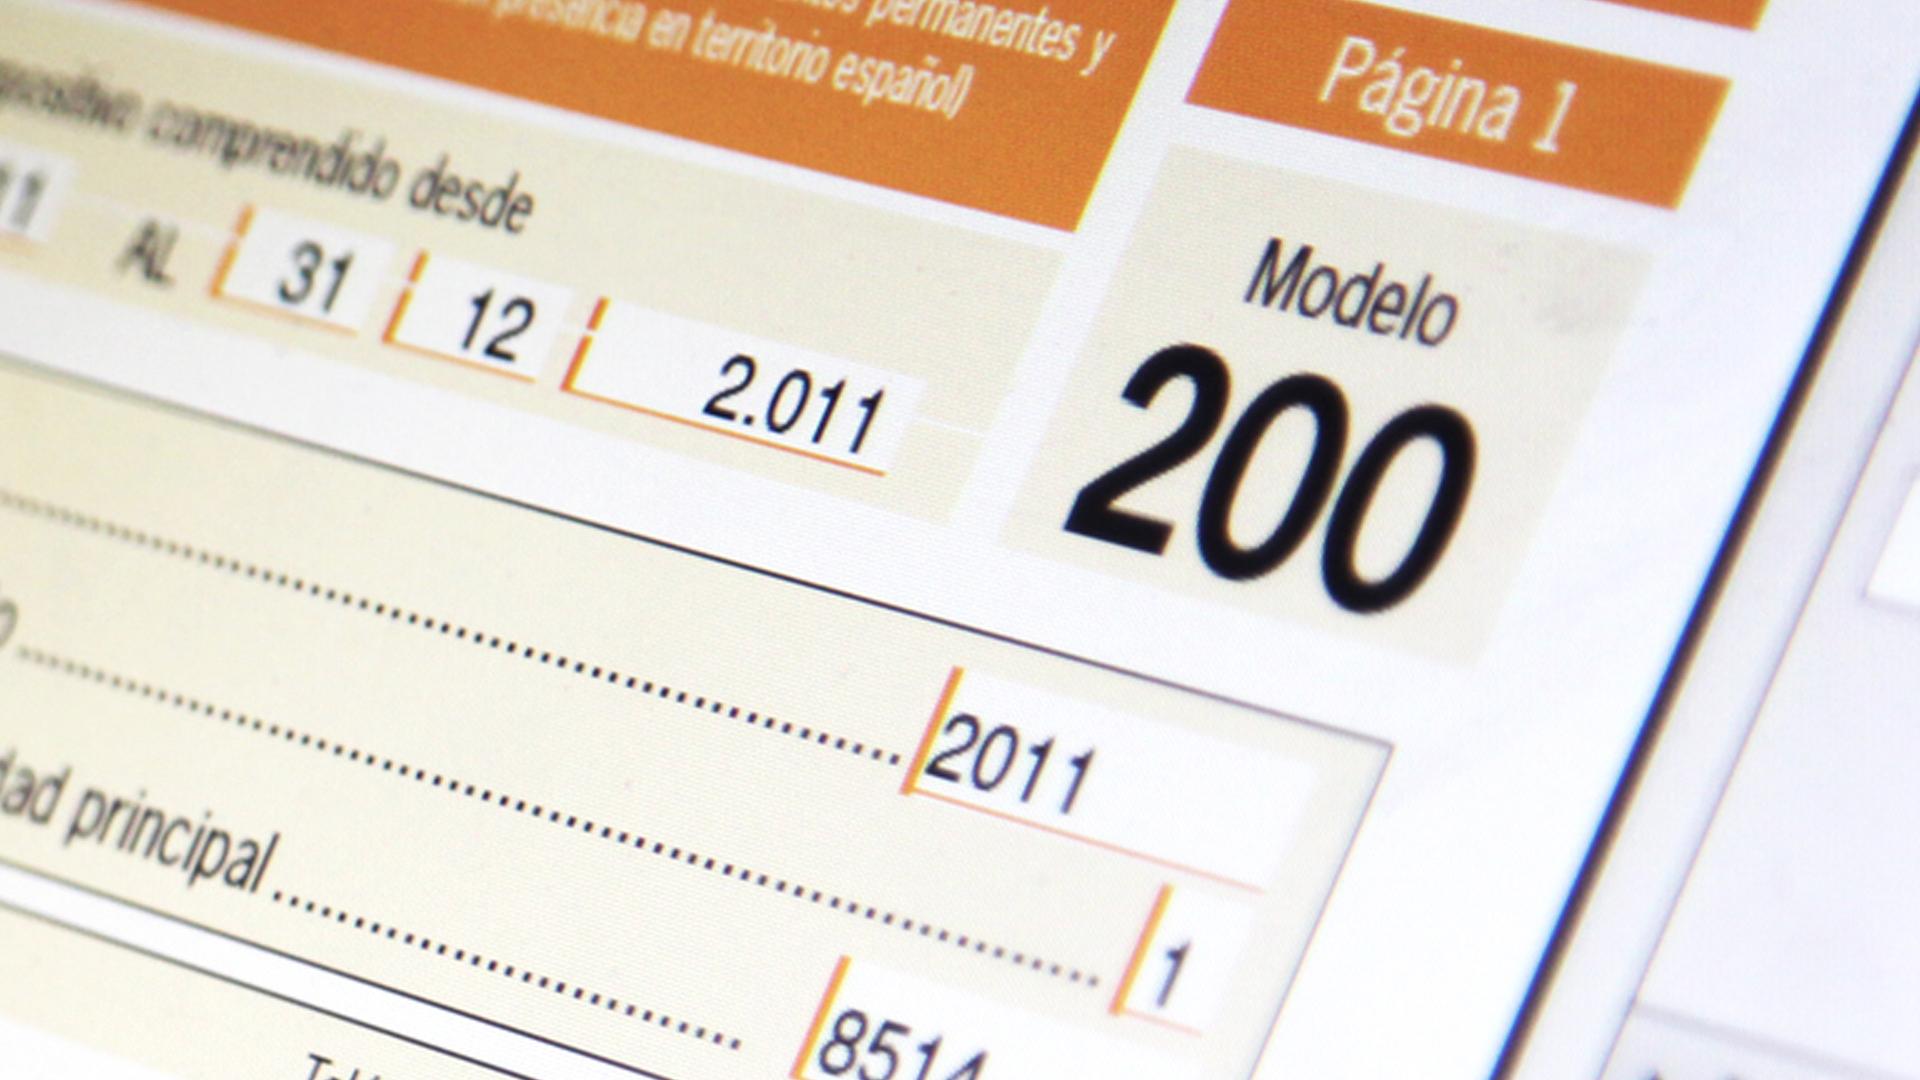 modelo 200 españa